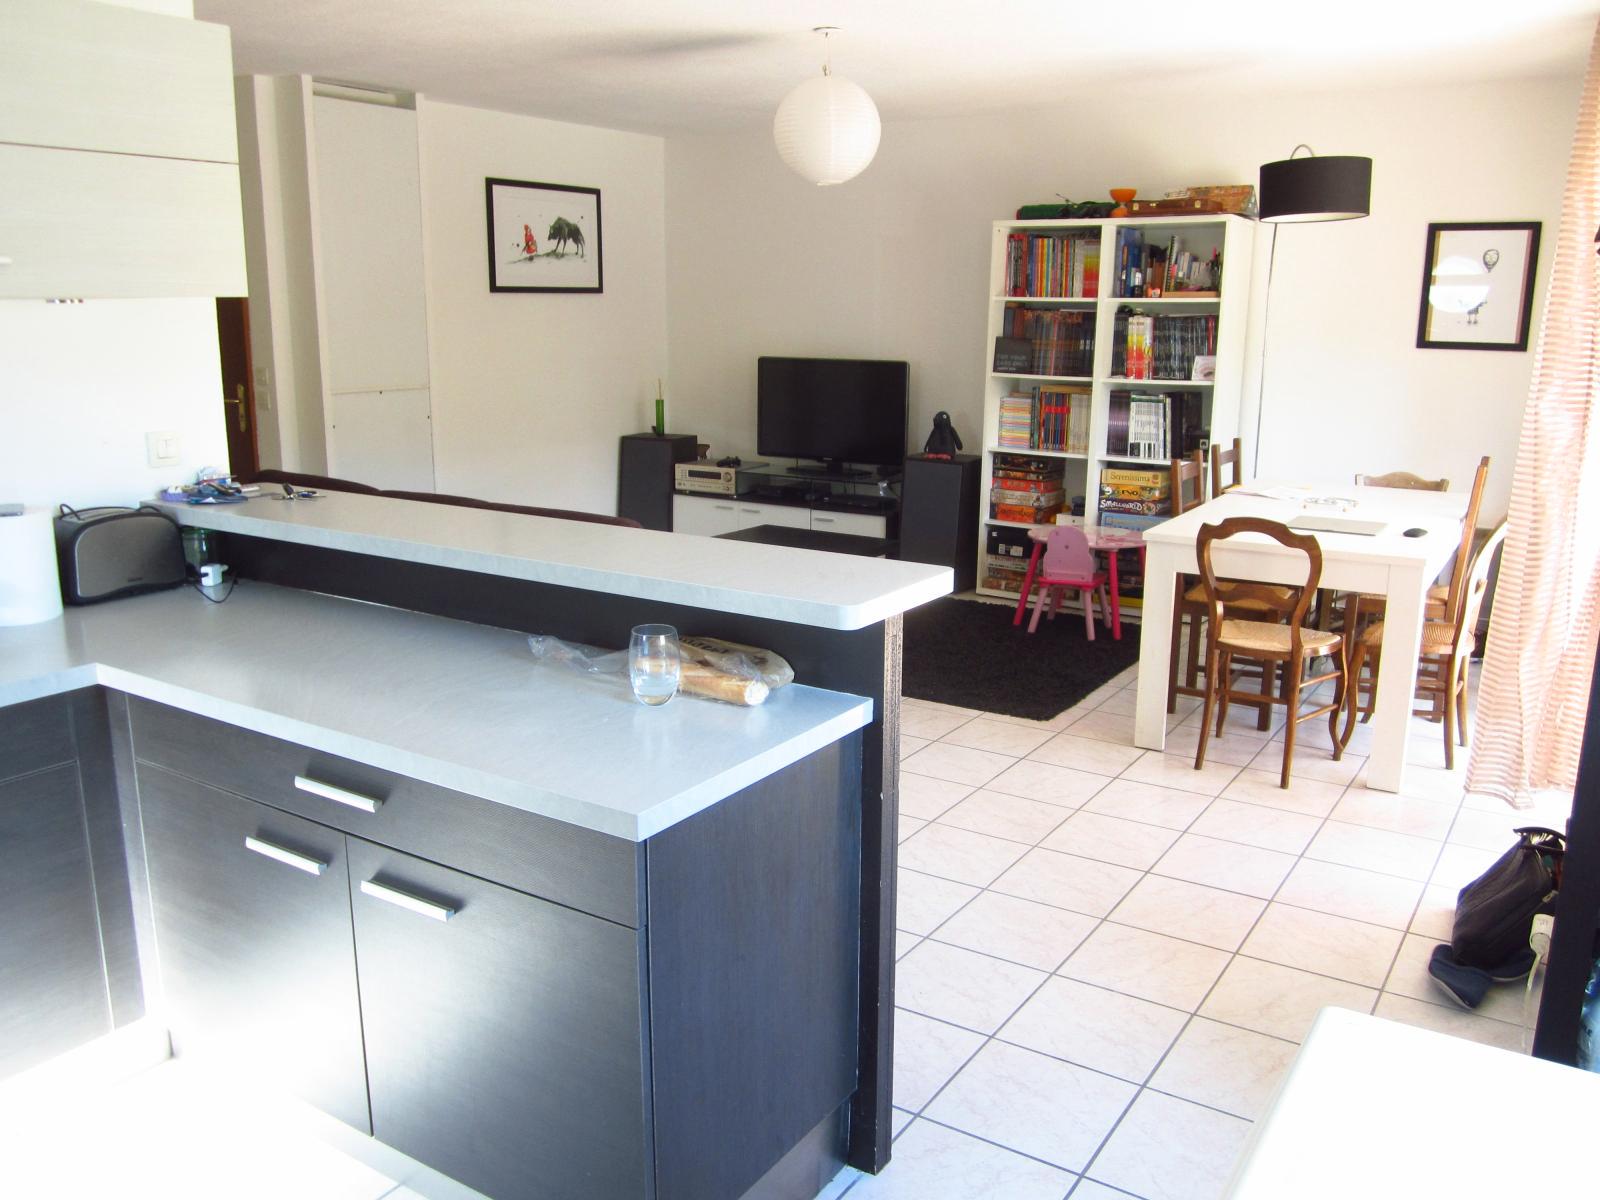 EXCLUSIVITE Vulbens Appartement T3 de 69 m² avec magnifique terrasse de 34 m²...